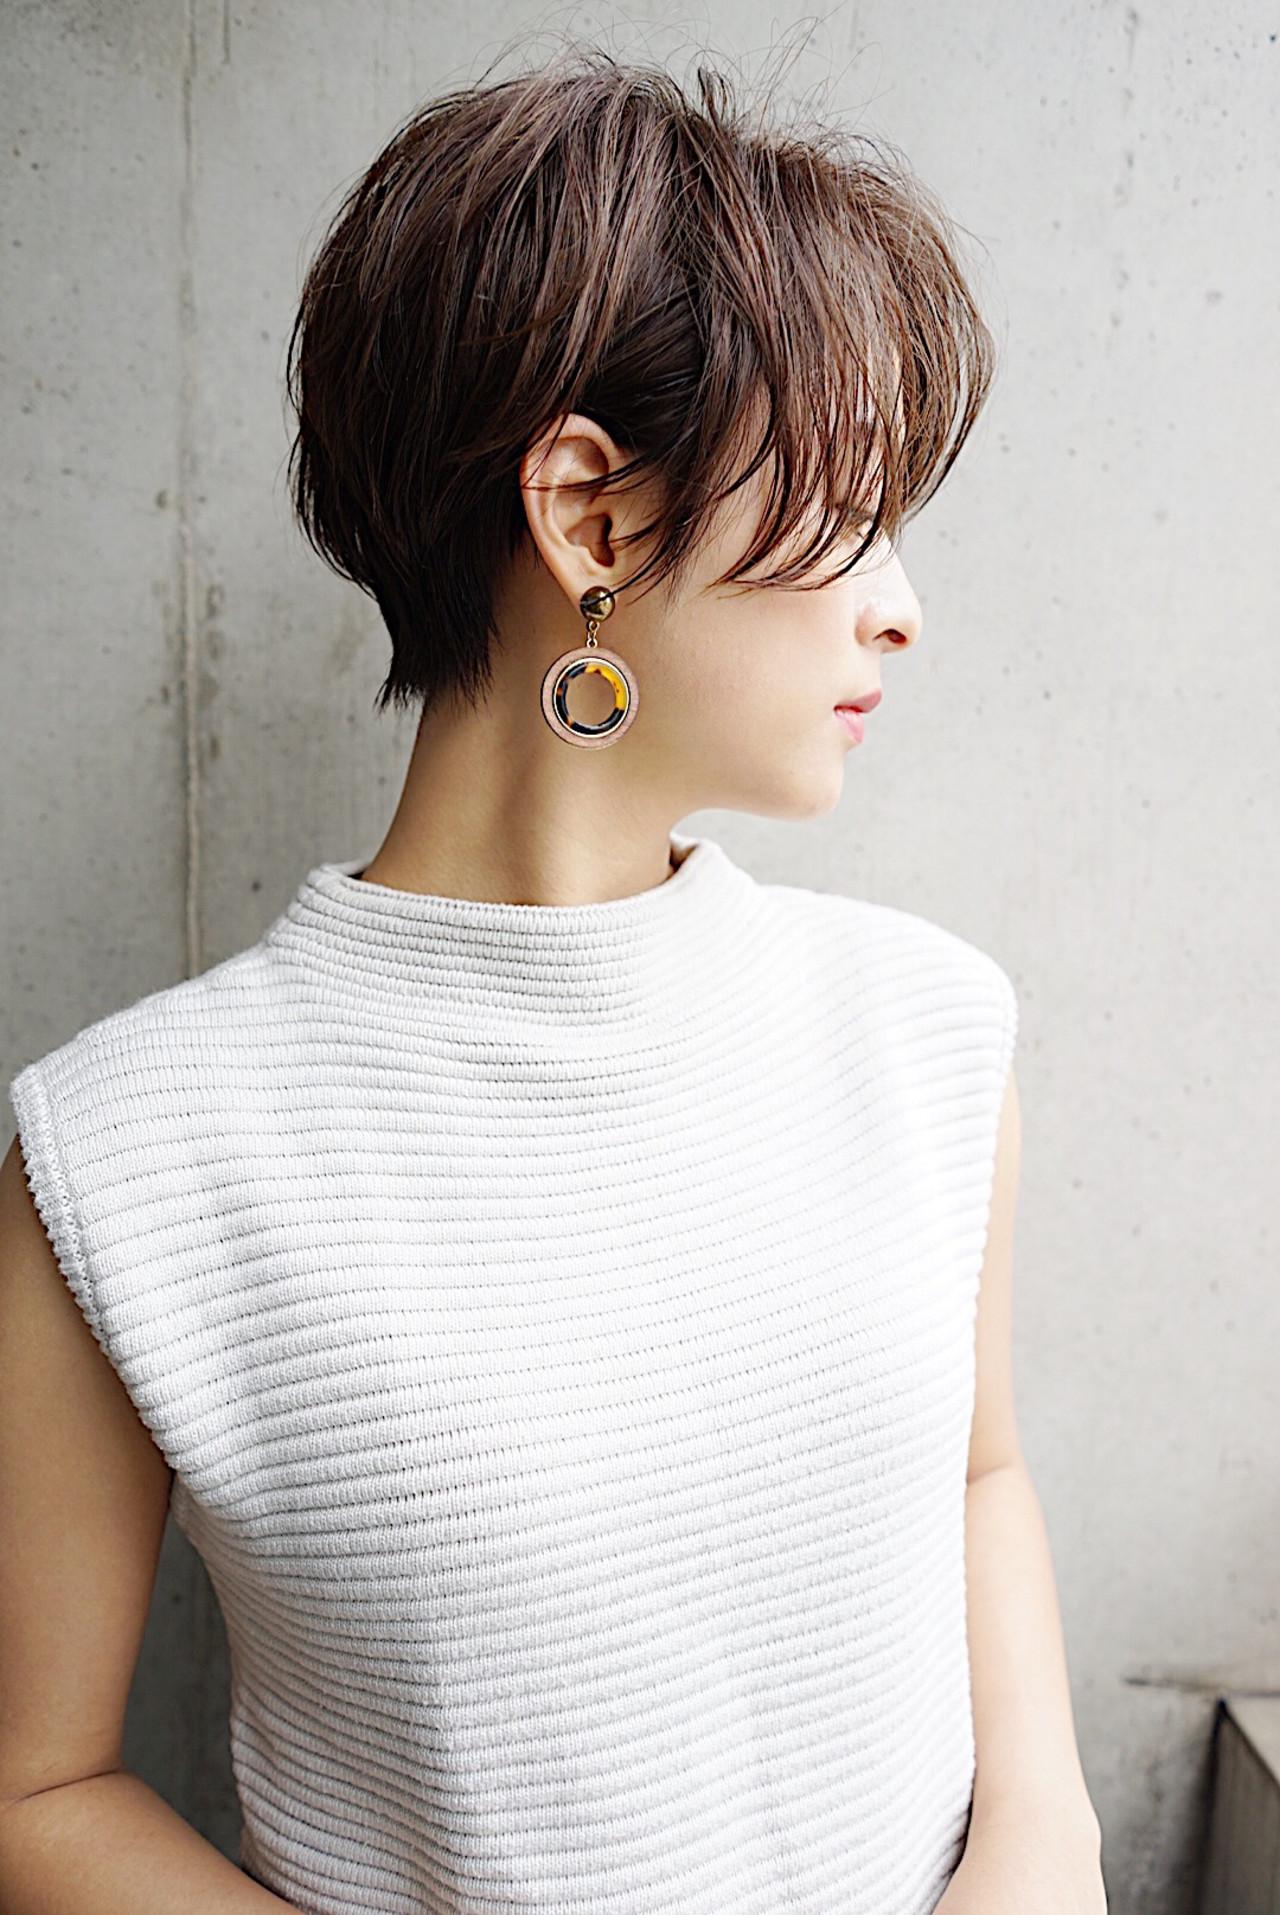 ストレート 大人かわいい 小顔 ショート ヘアスタイルや髪型の写真・画像 | 本田 重人 / GRAFF hair